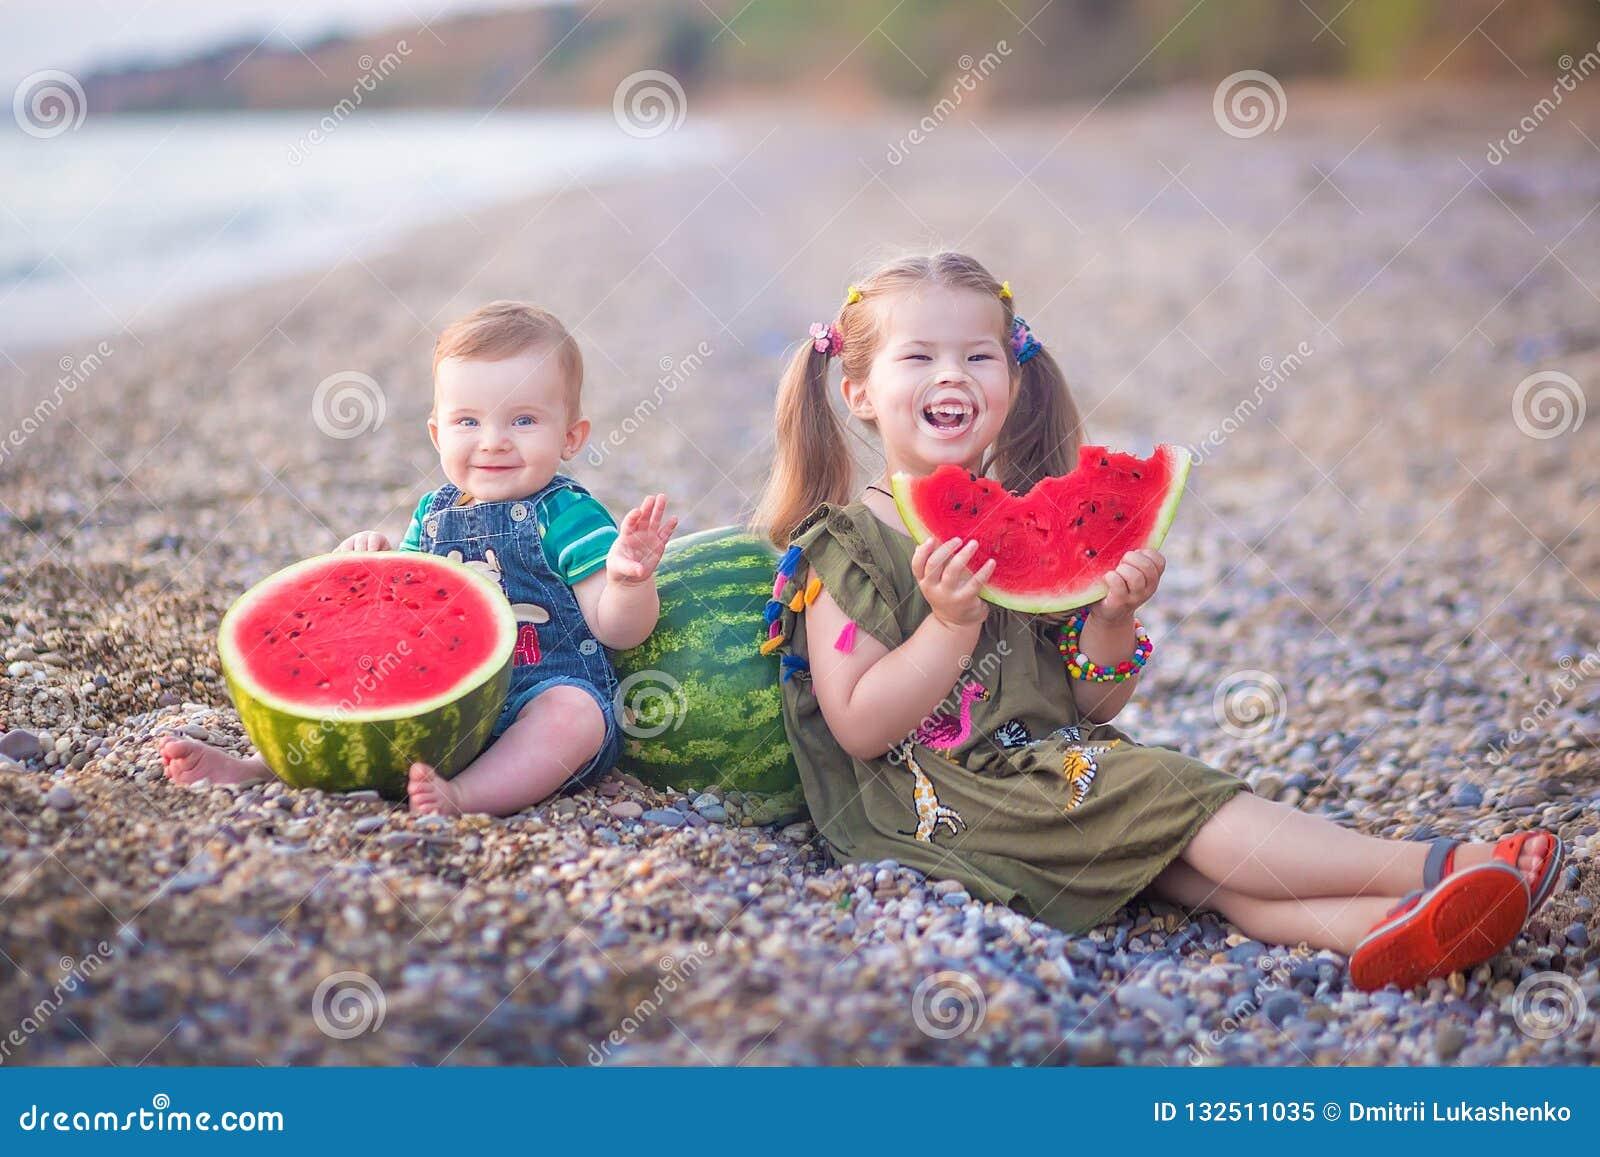 Twee kleine kinderen, jongensmeisje, die watermeloen op het strand eten, zomer die van mooie dag dicht bij oceaan genieten